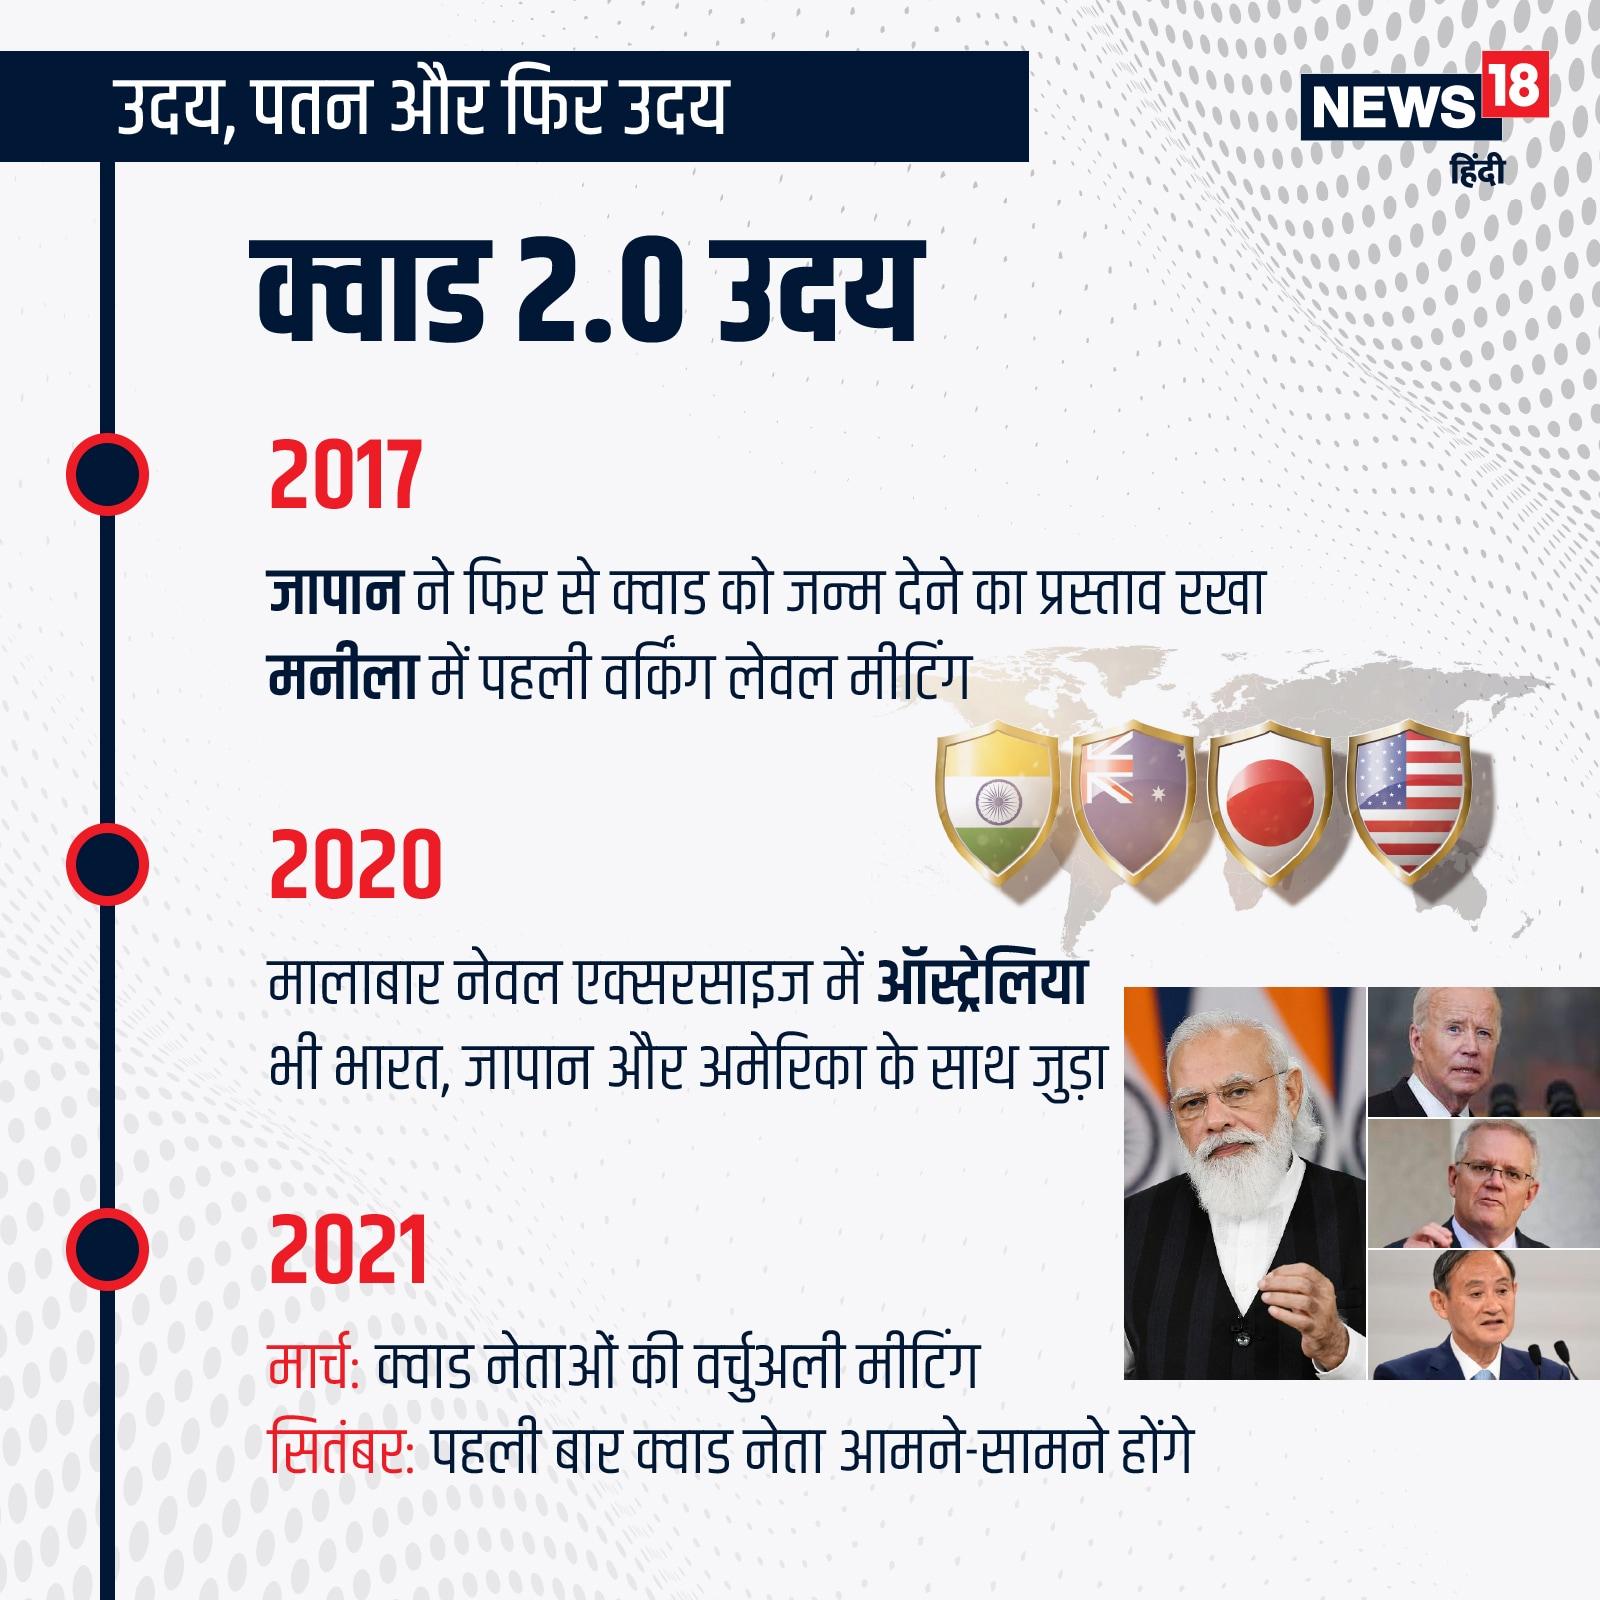 2017 में जापान ने फिर से क्वाड के शुरू करने का प्रस्ताव रखा. मनीला में पहली वर्किंग लेवल मीटिंग रखी गई. 2020 में भारत-यूएस-जापान मालाबार नेवल एक्सरसाइज में ऑस्ट्रेलिया भी जुड़ गया.